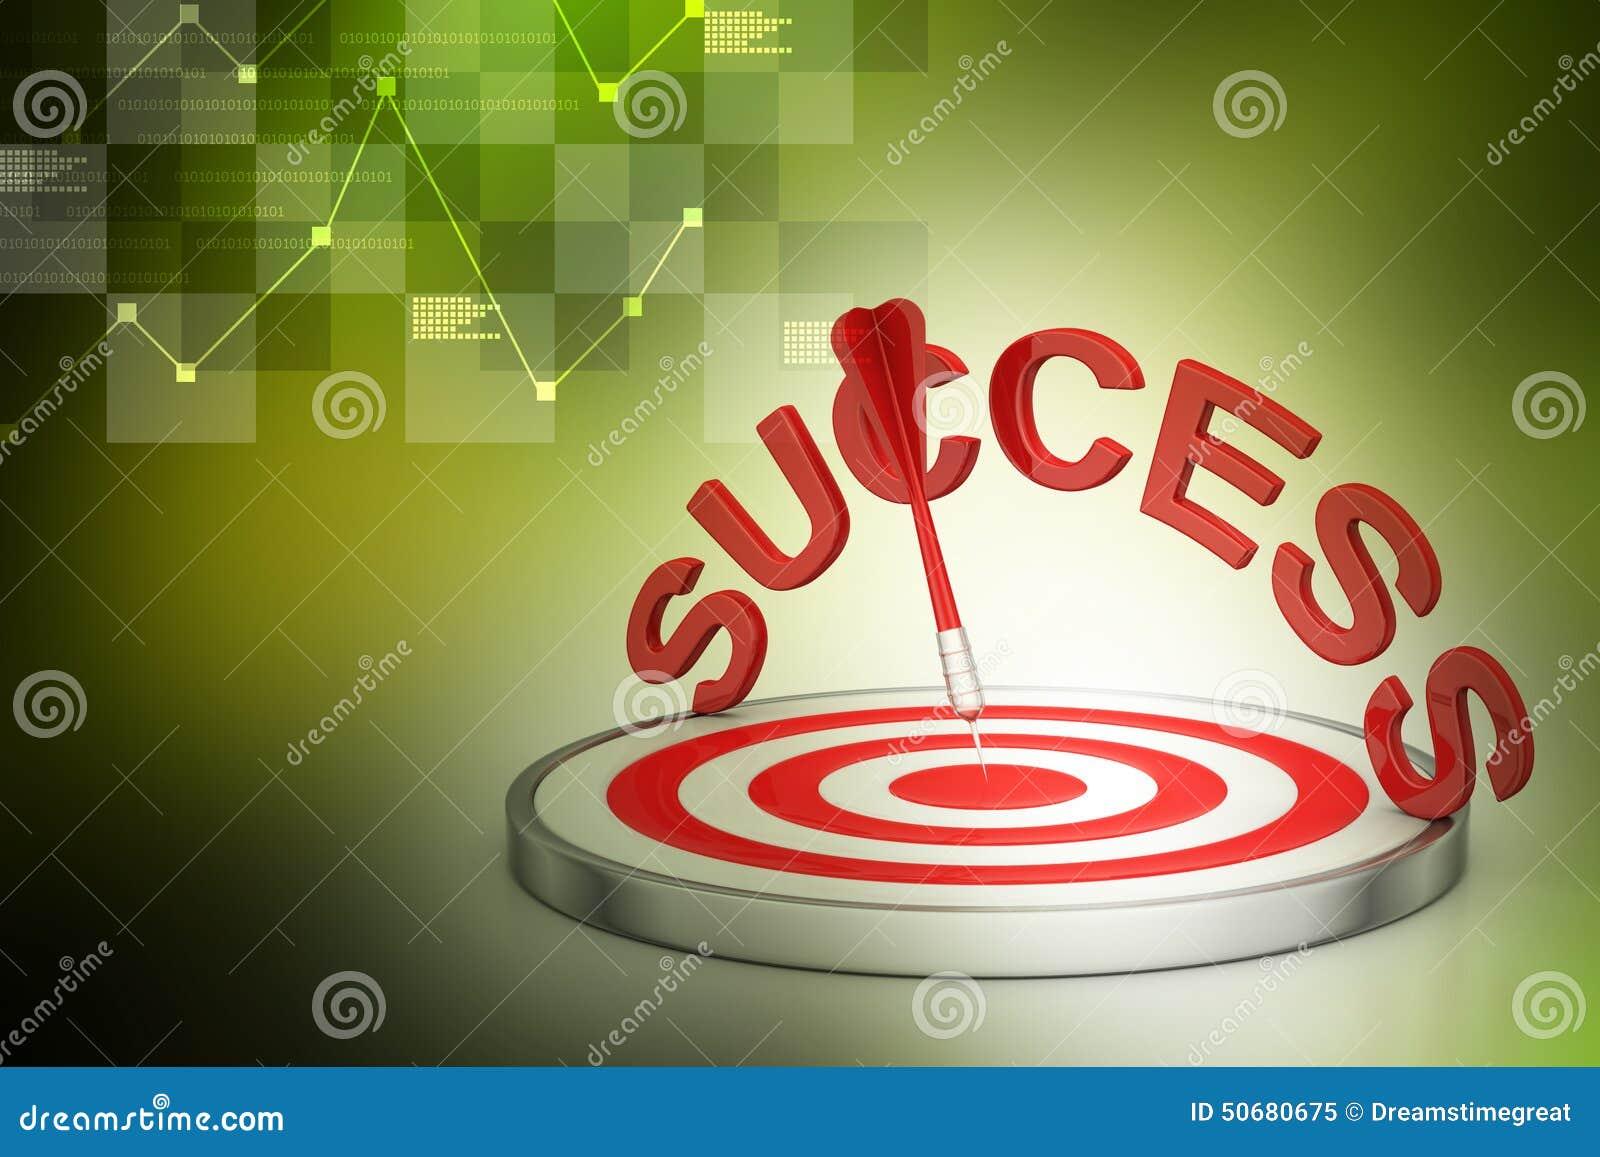 Download 箭目标成功企业概念 库存例证. 插画 包括有 眼睛, 复制, 概念, d0, 会议室, 空间, 记分牌, 控告者 - 50680675